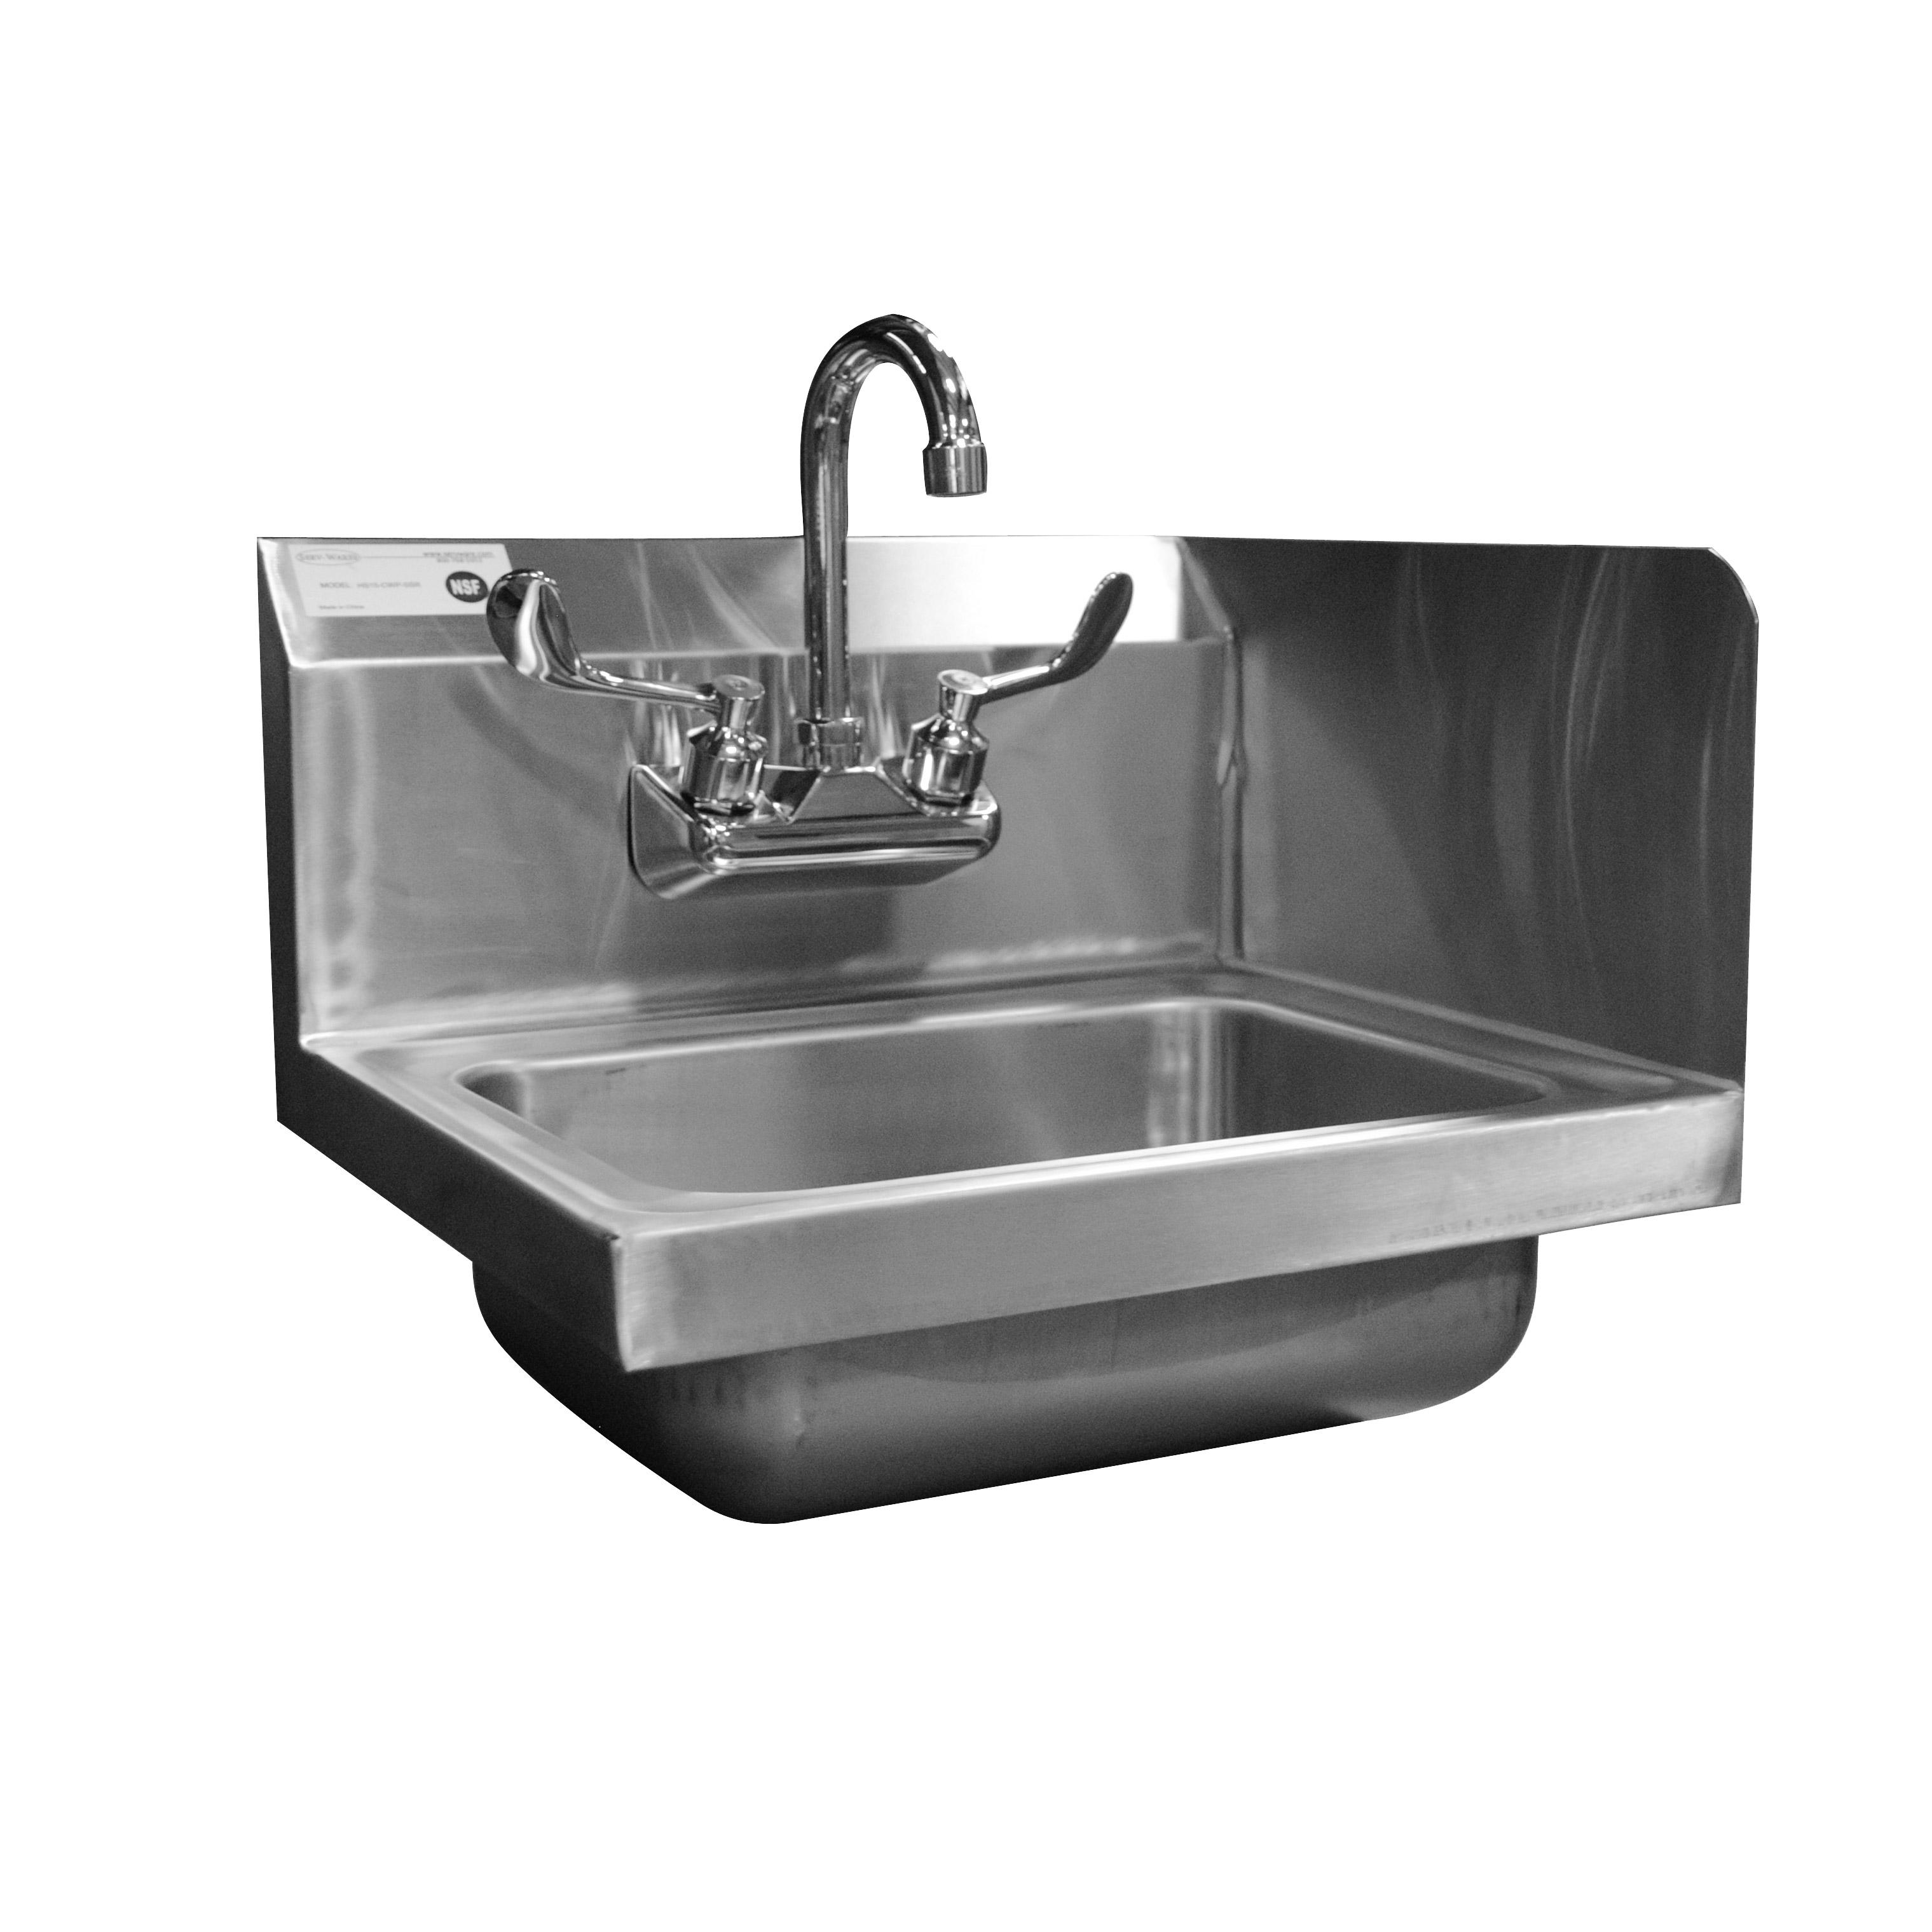 Serv-Ware HS10-CWP-SSR sink, hand